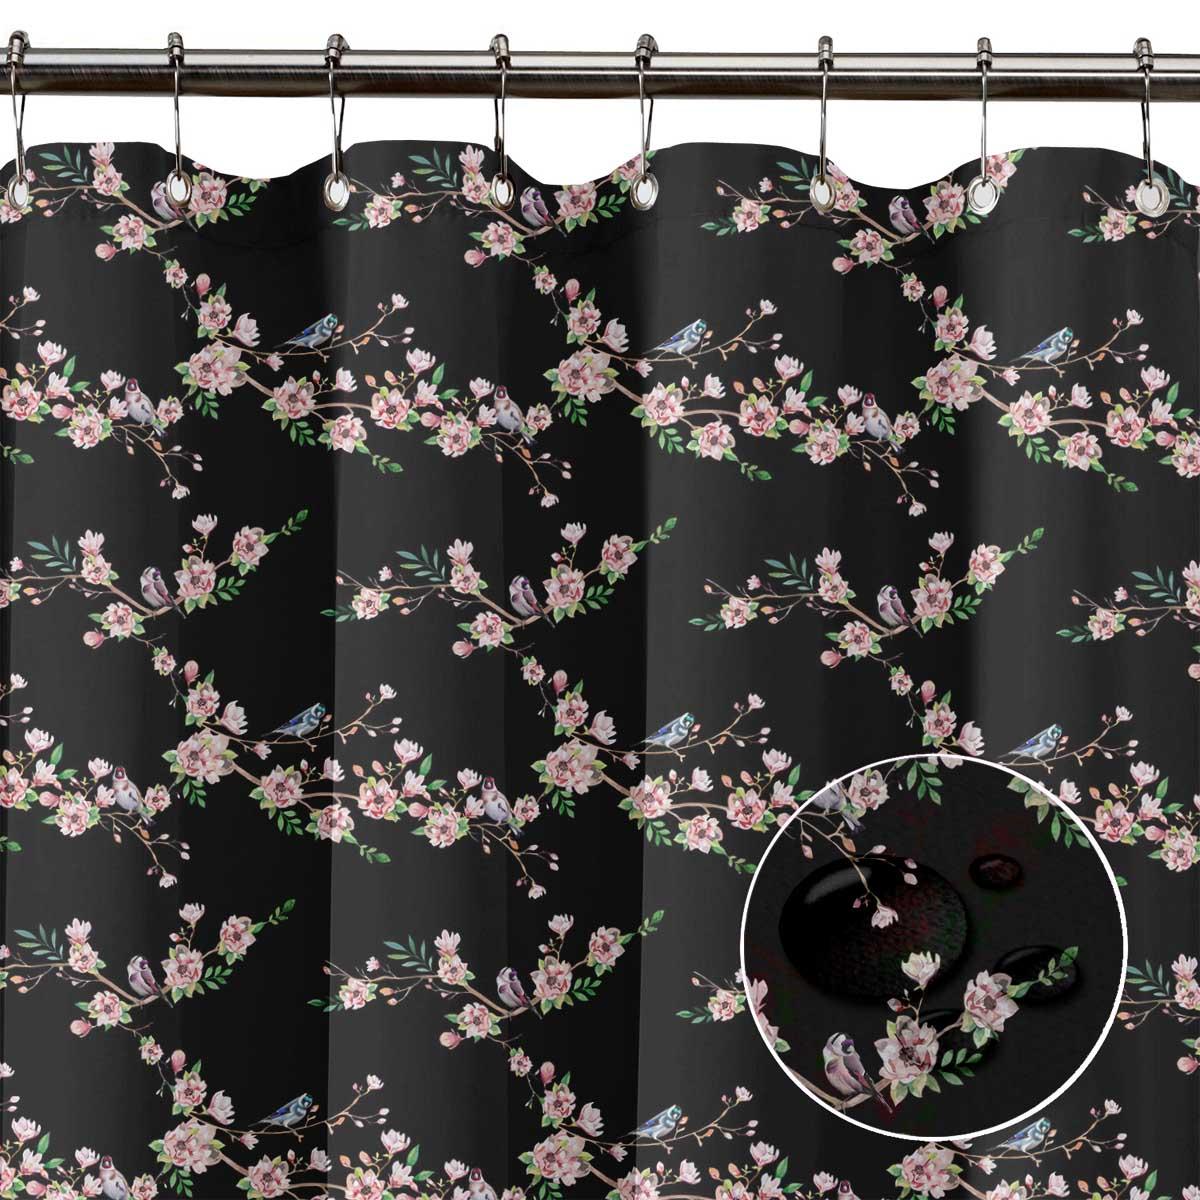 miniature 16 - S4Sassy Noir fleur et chardonneret oiseau rideaux de douche imprim?s-JpP